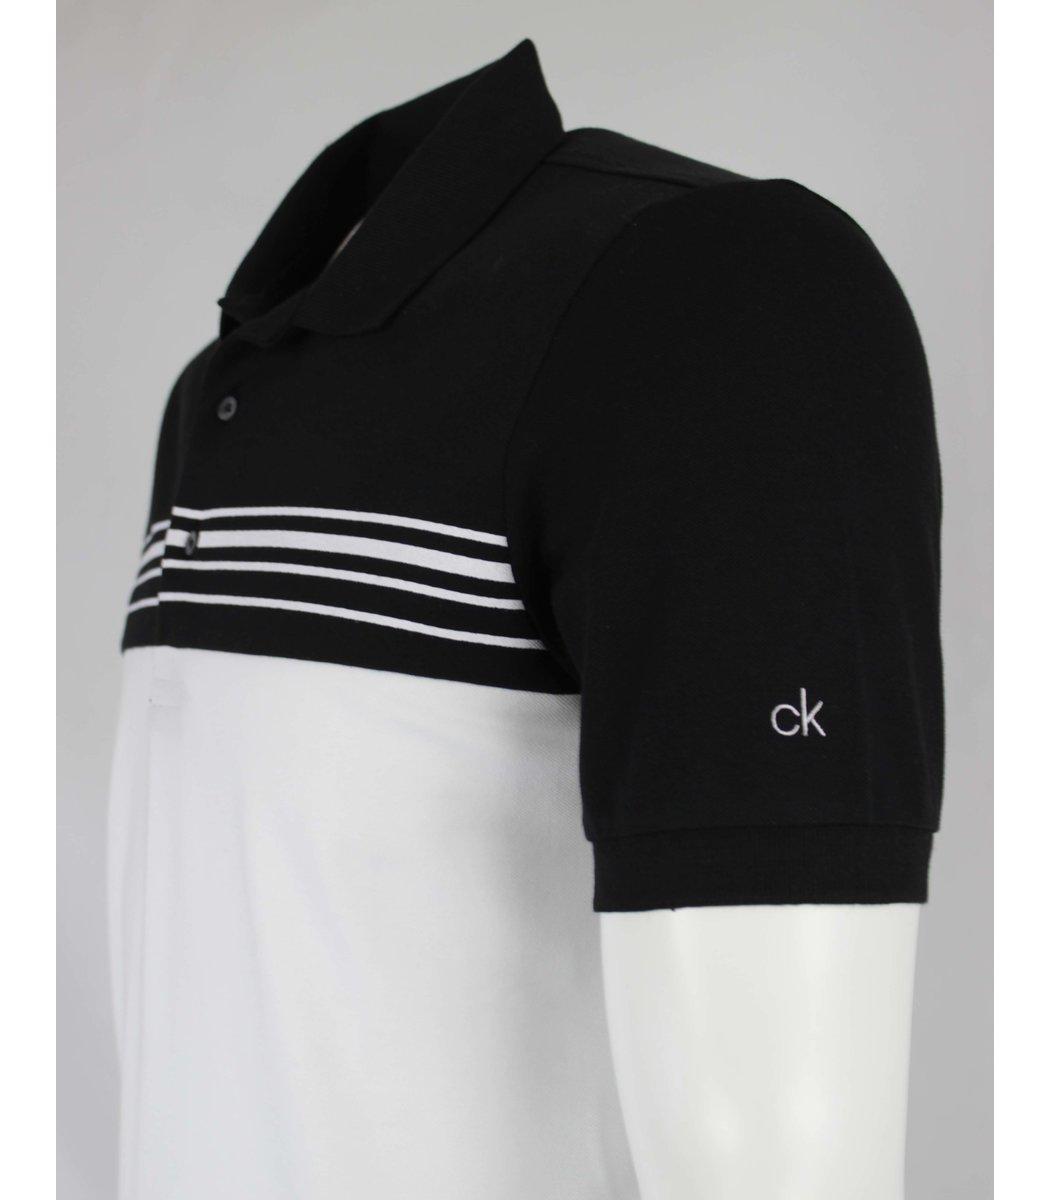 Черная футболка поло Calvin Klein MCK1